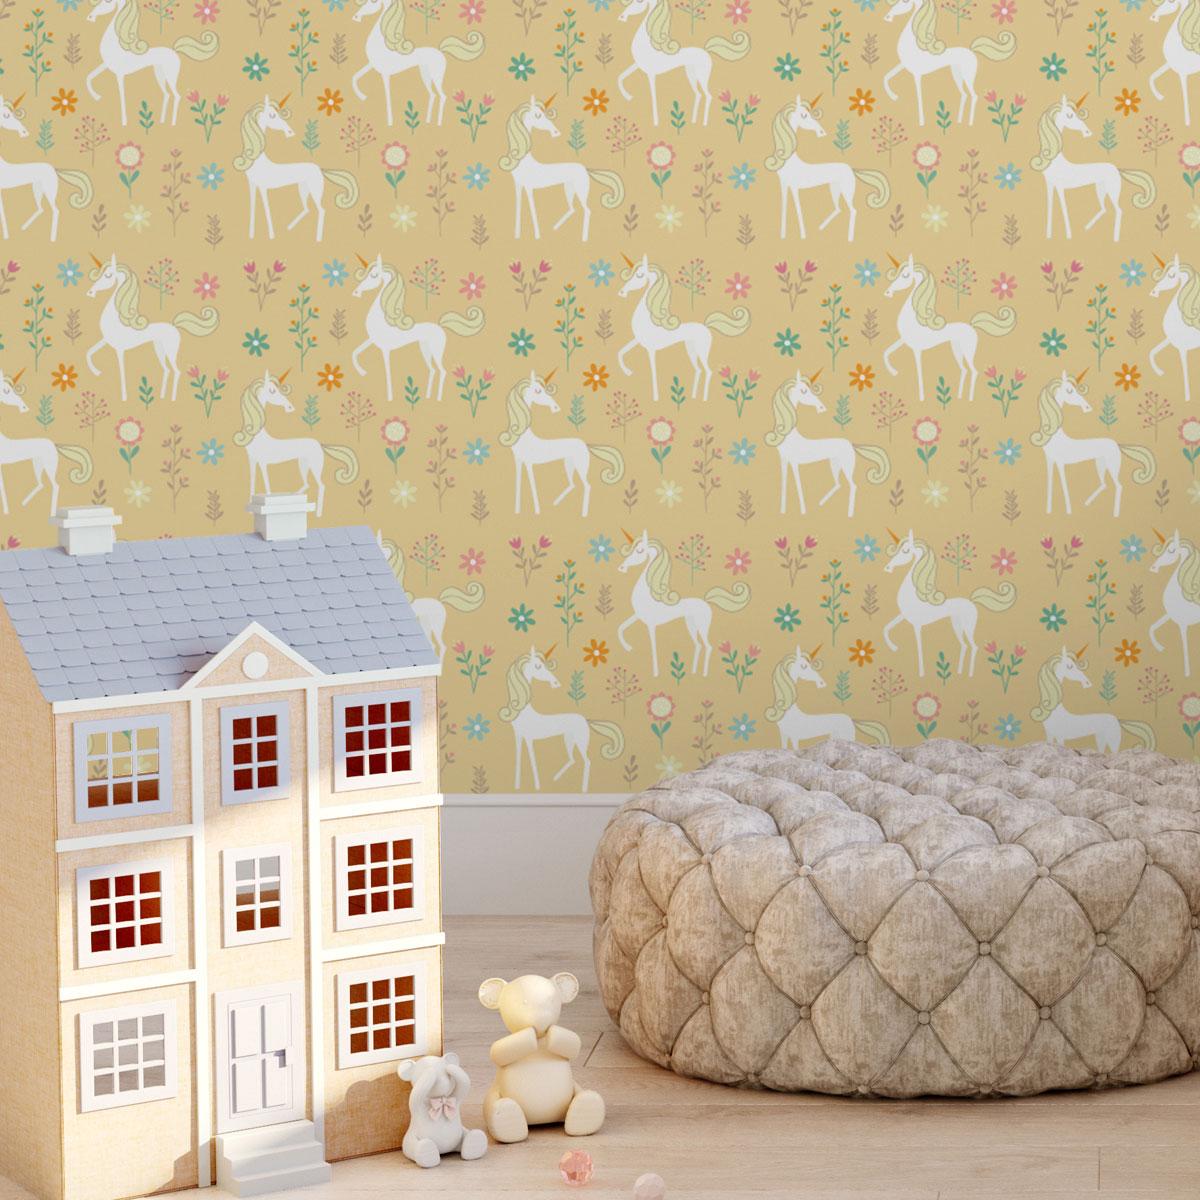 Einhorn Kinderzimmer Tapete mit magischem Einhorn auf gelb angepasst an Farrow and Ball Wandfarben- Vliestapete Tiere